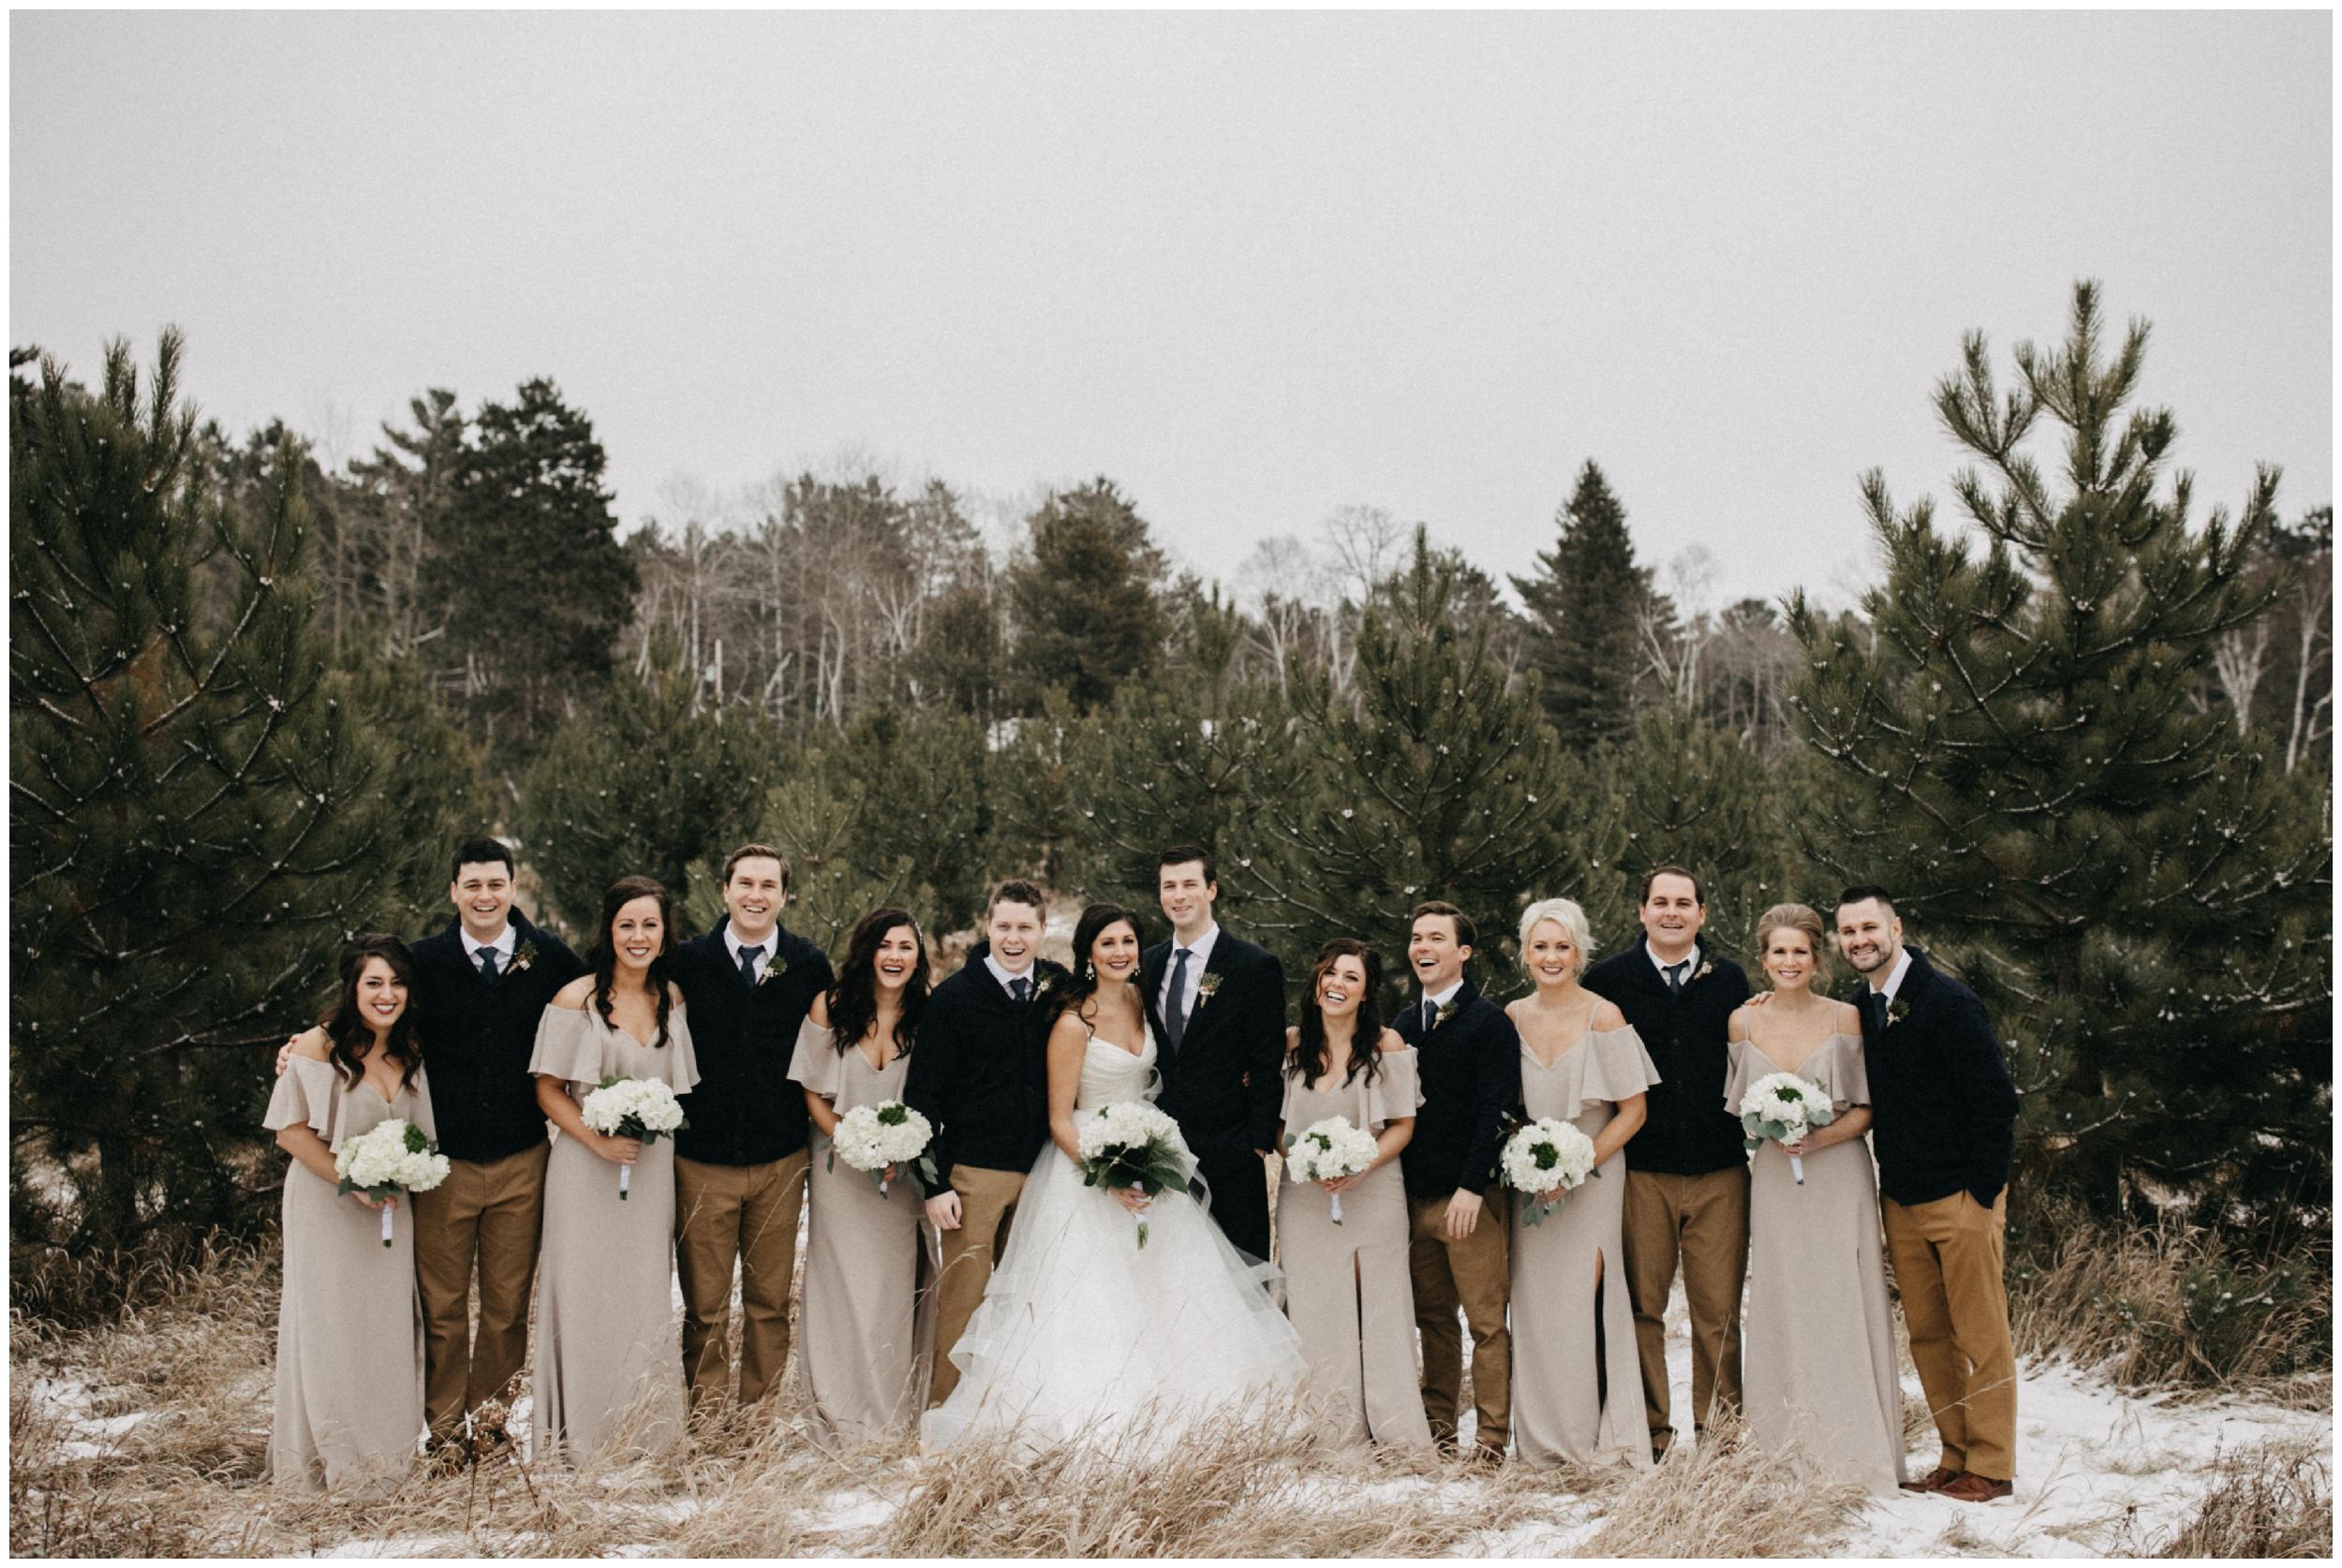 pine-peaks-winter-wedding-3.jpg